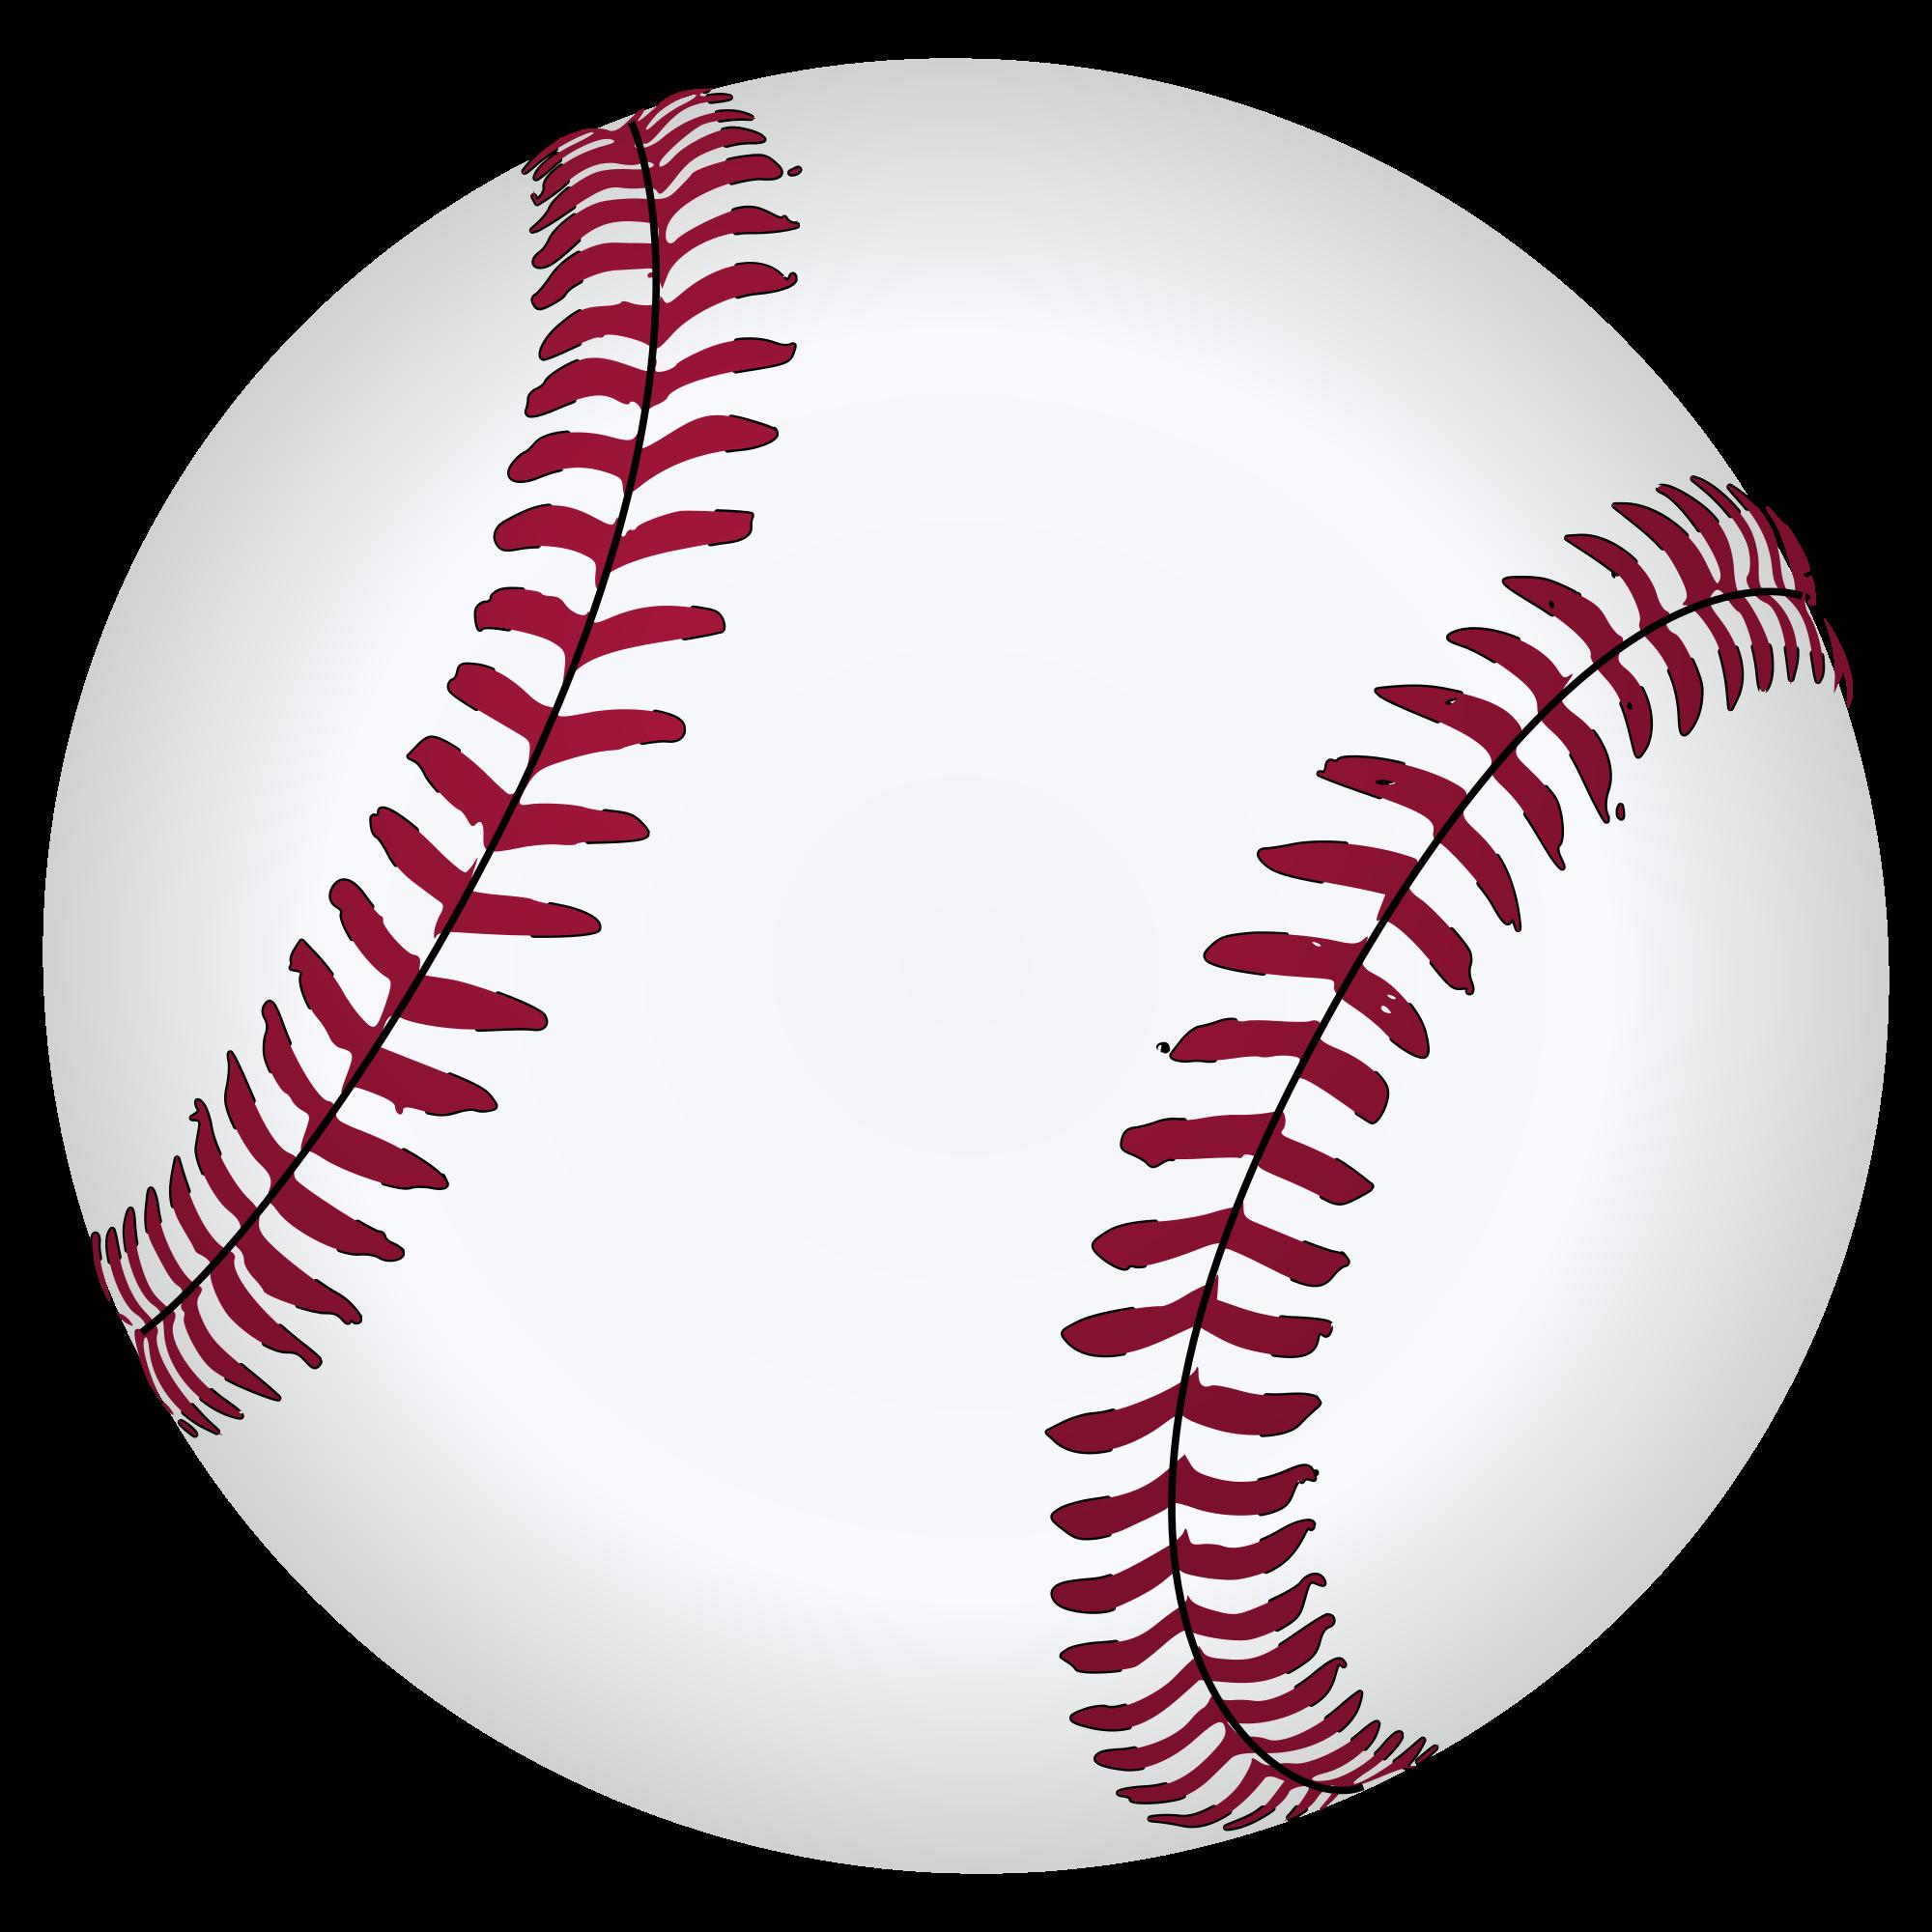 Baseball PNG - 10550